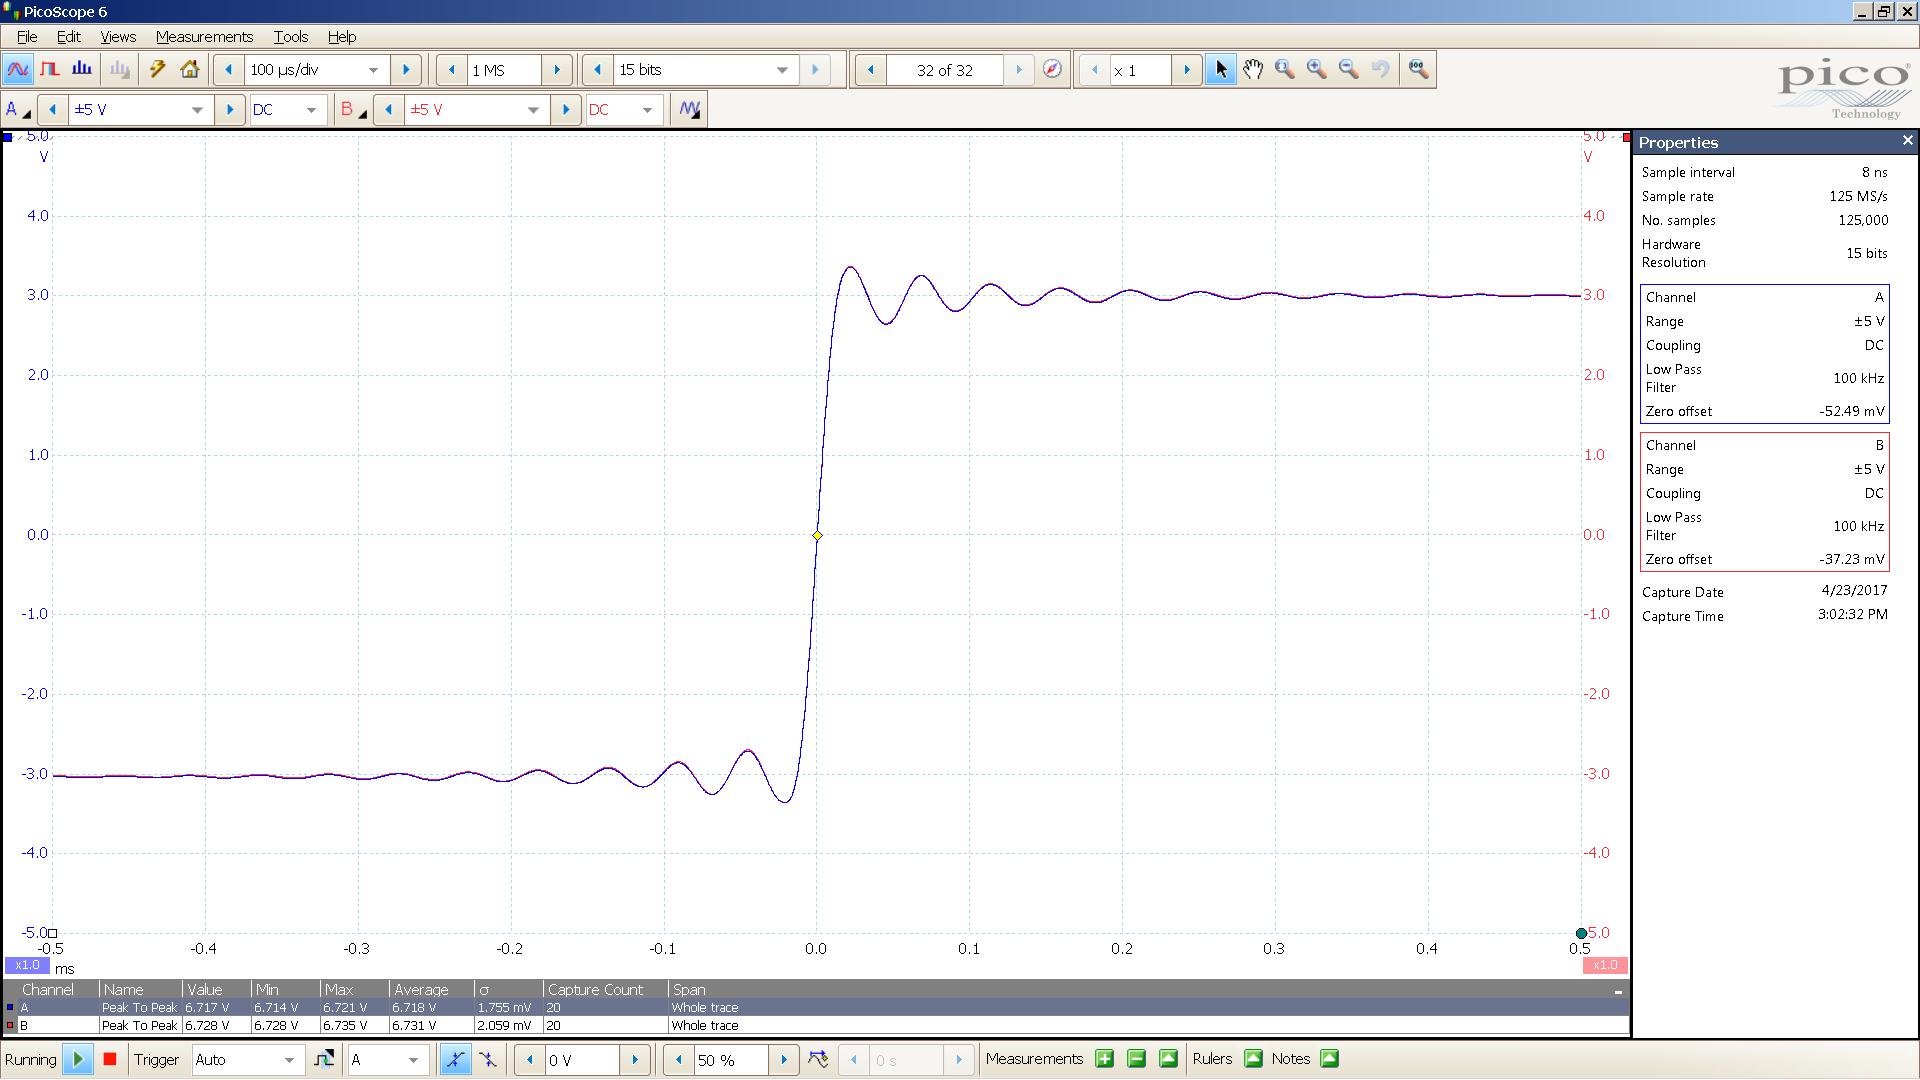 20170423 Audio-gd S19 SE 20 Hz sqr 6 Vpp 100uS div - USB.PNG